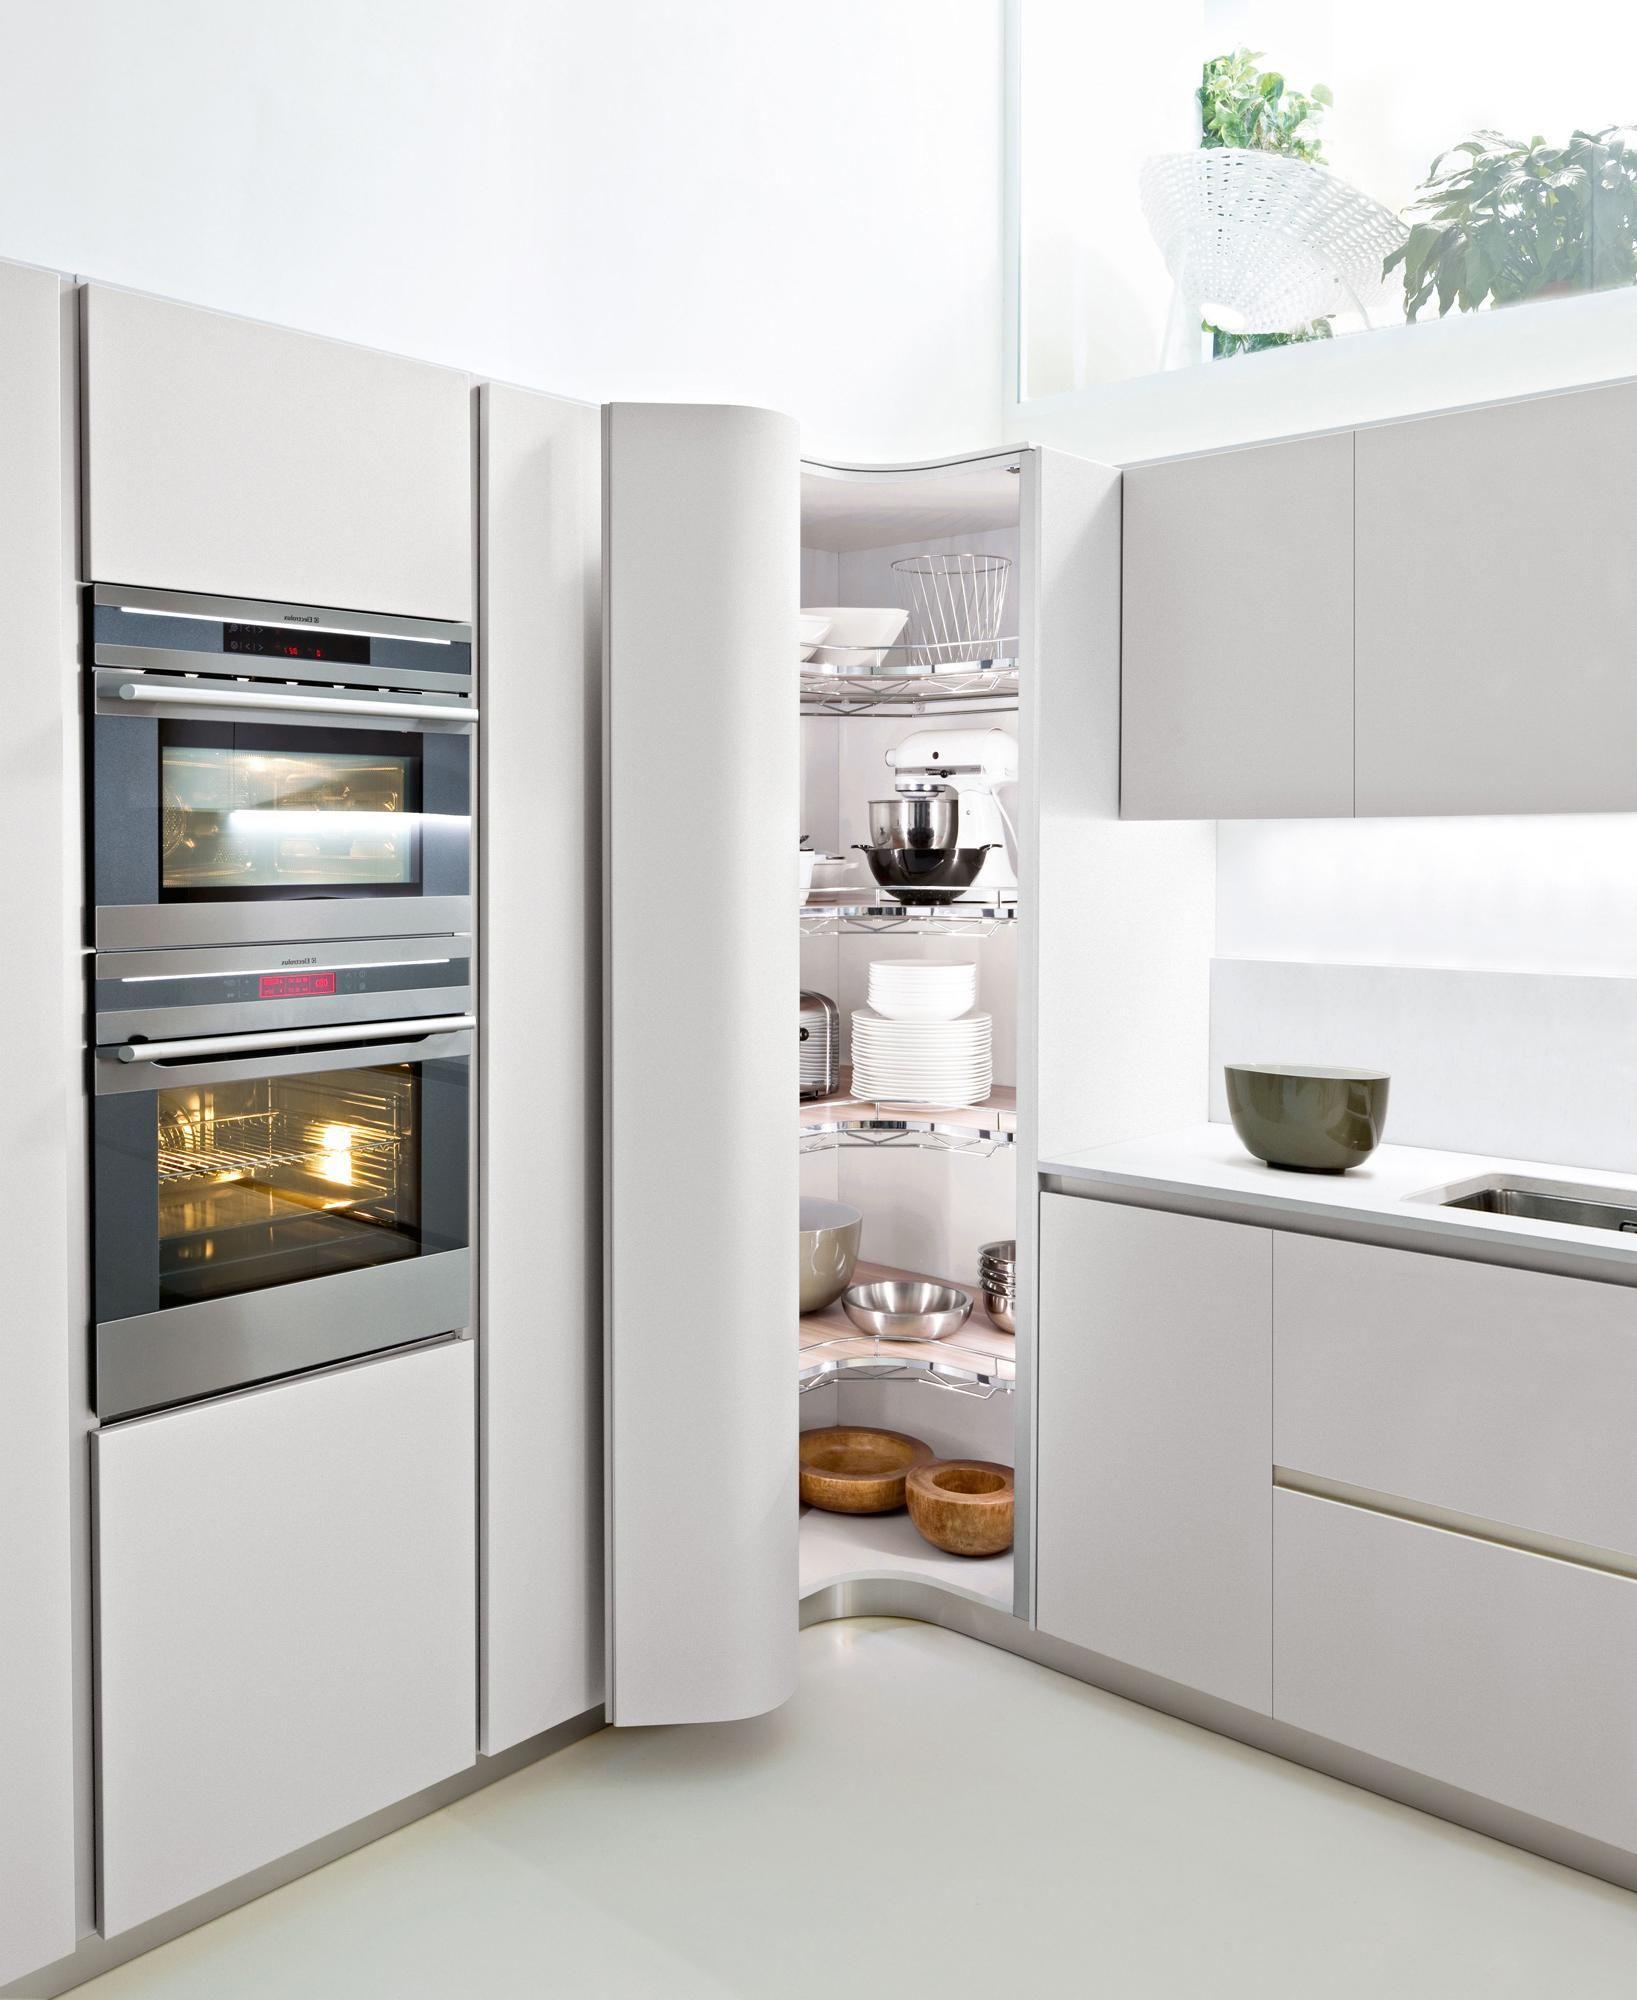 Hoek vd keuken wordt een voorraadkast | Arredamenti cucina ...